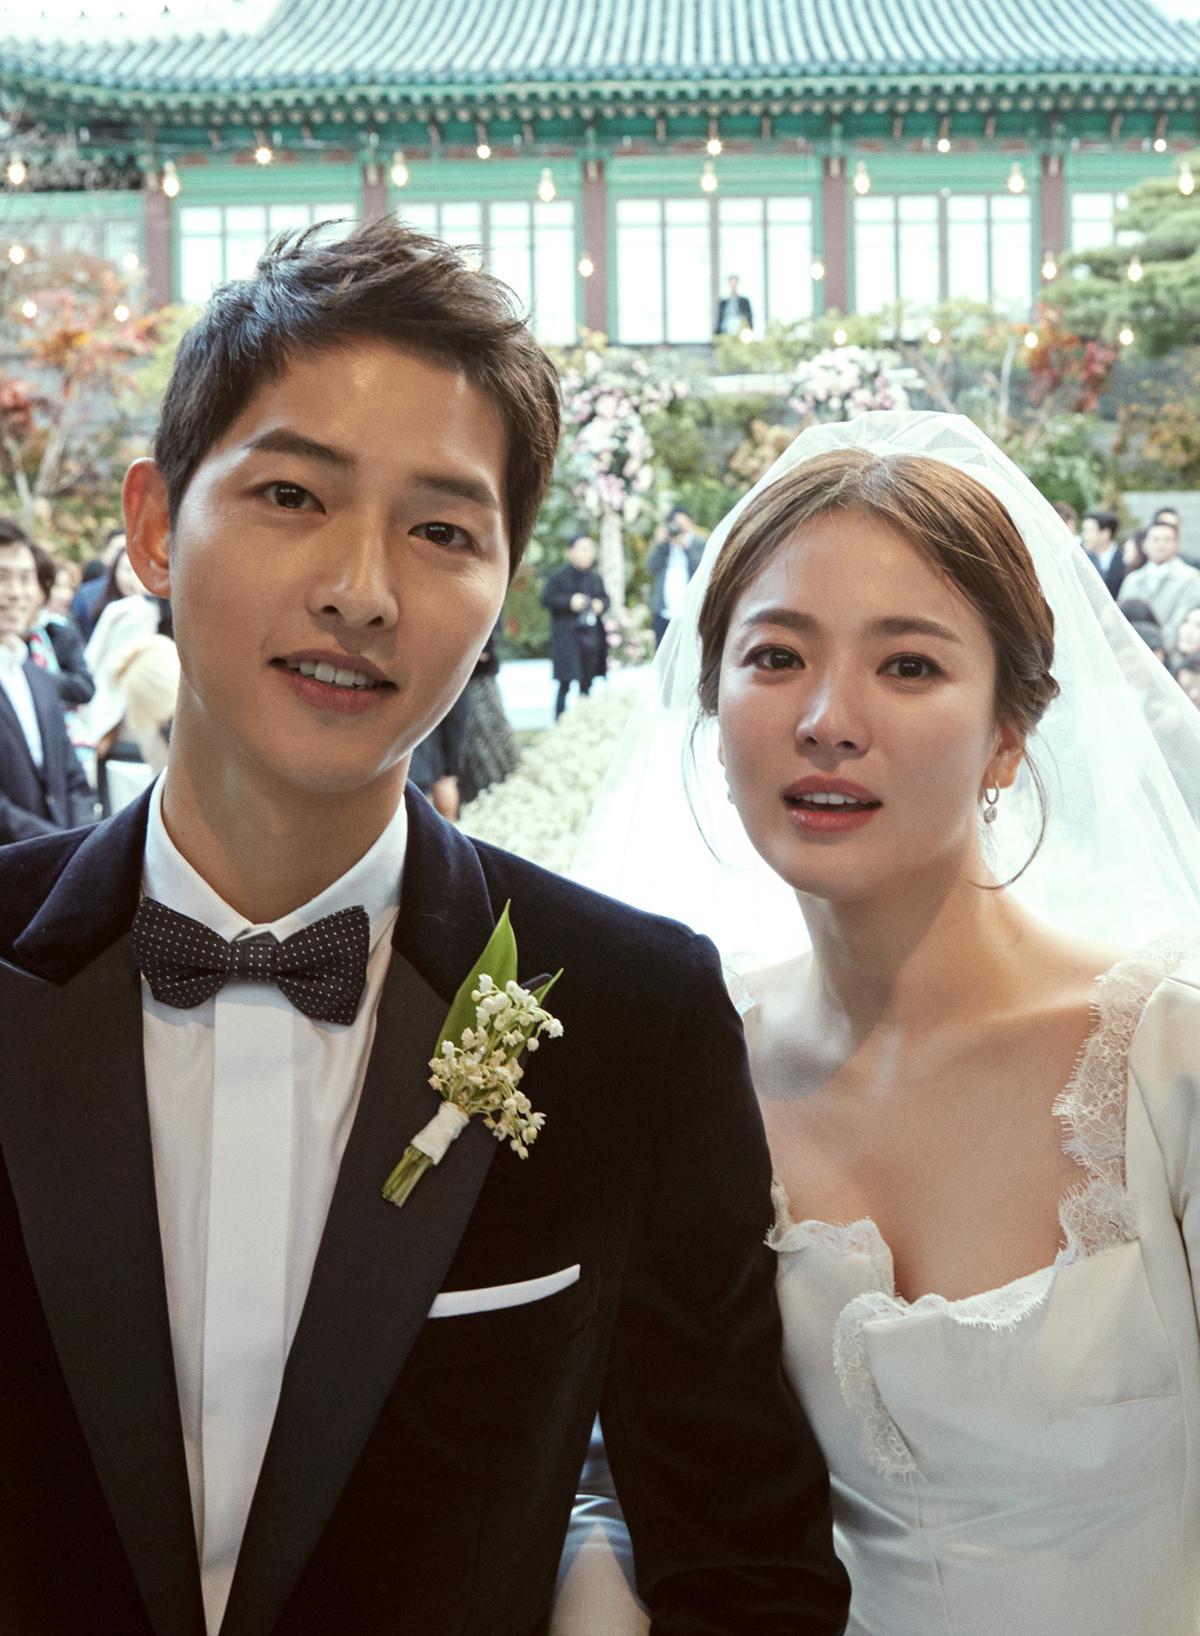 2017년 10월 결혼식을 올렸던 배우 송중기(왼쪽)와 송혜교. [사진 블러썸 엔터테인먼트 & UAA]